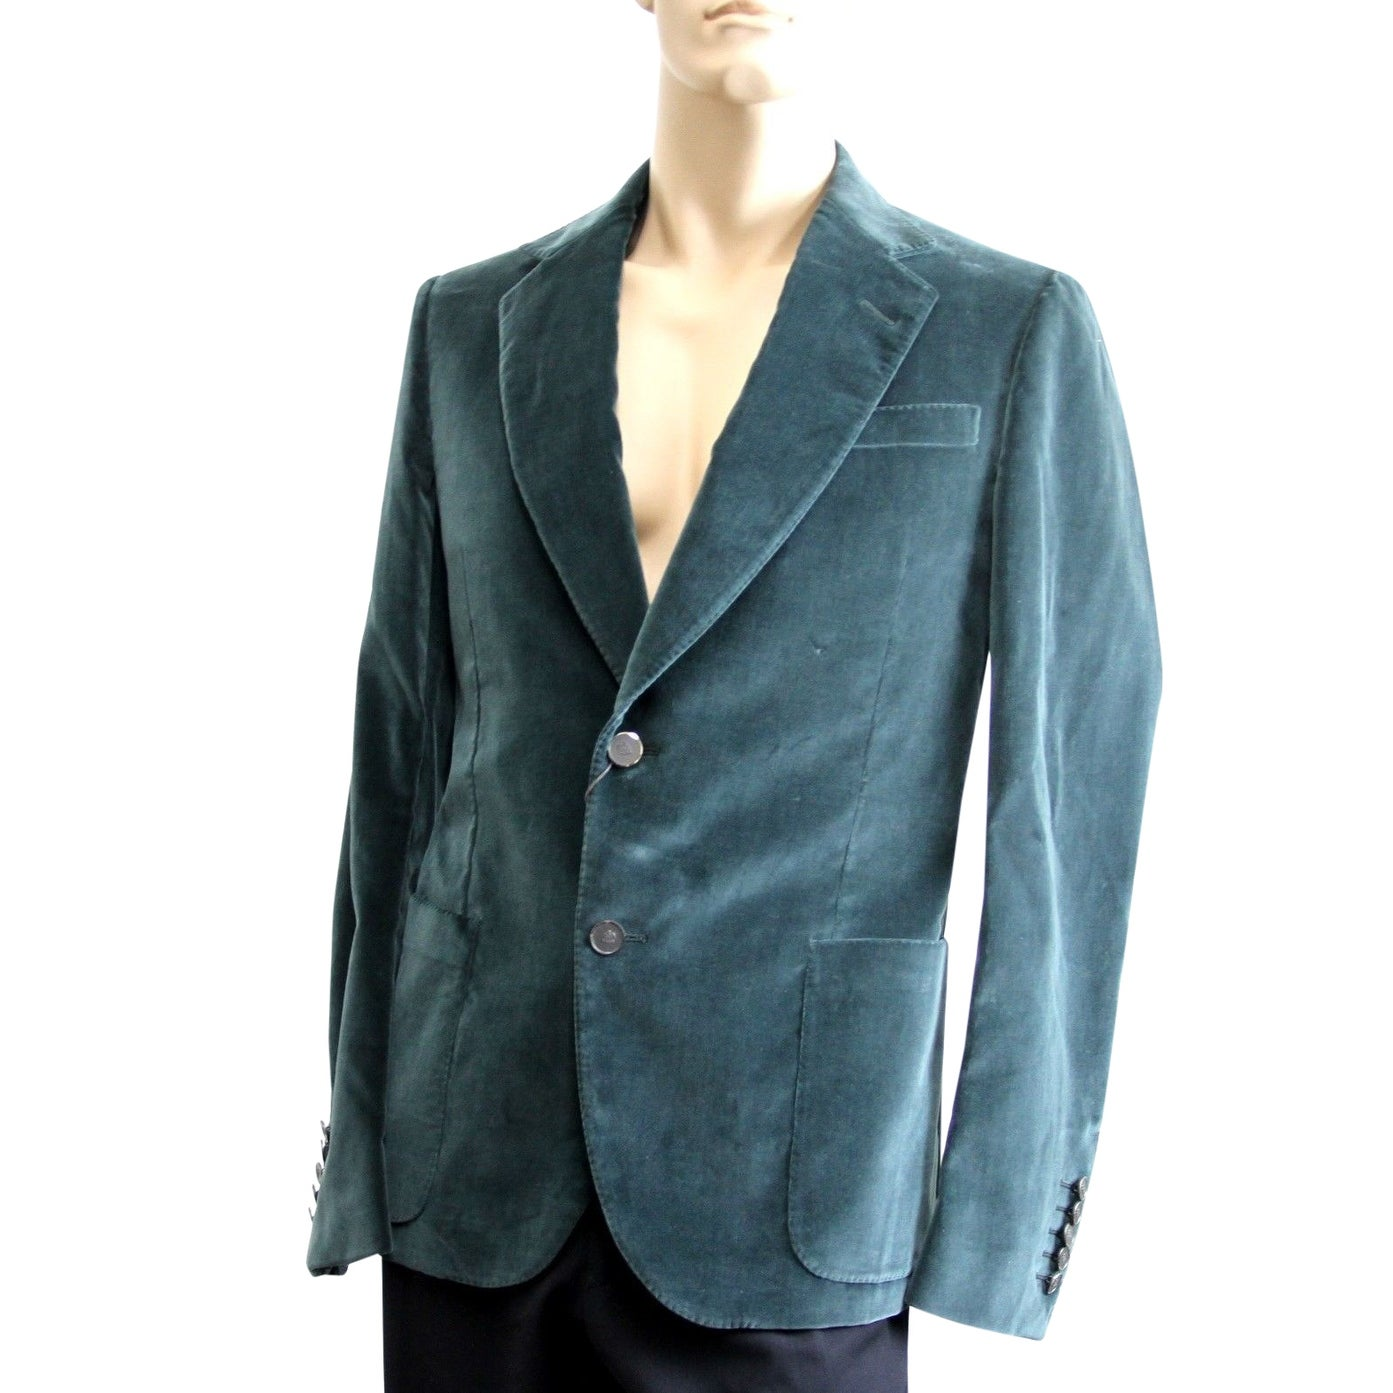 Gucci Men S Runway Green Velvet Jacket Blazer 298957 Overstock 28472580